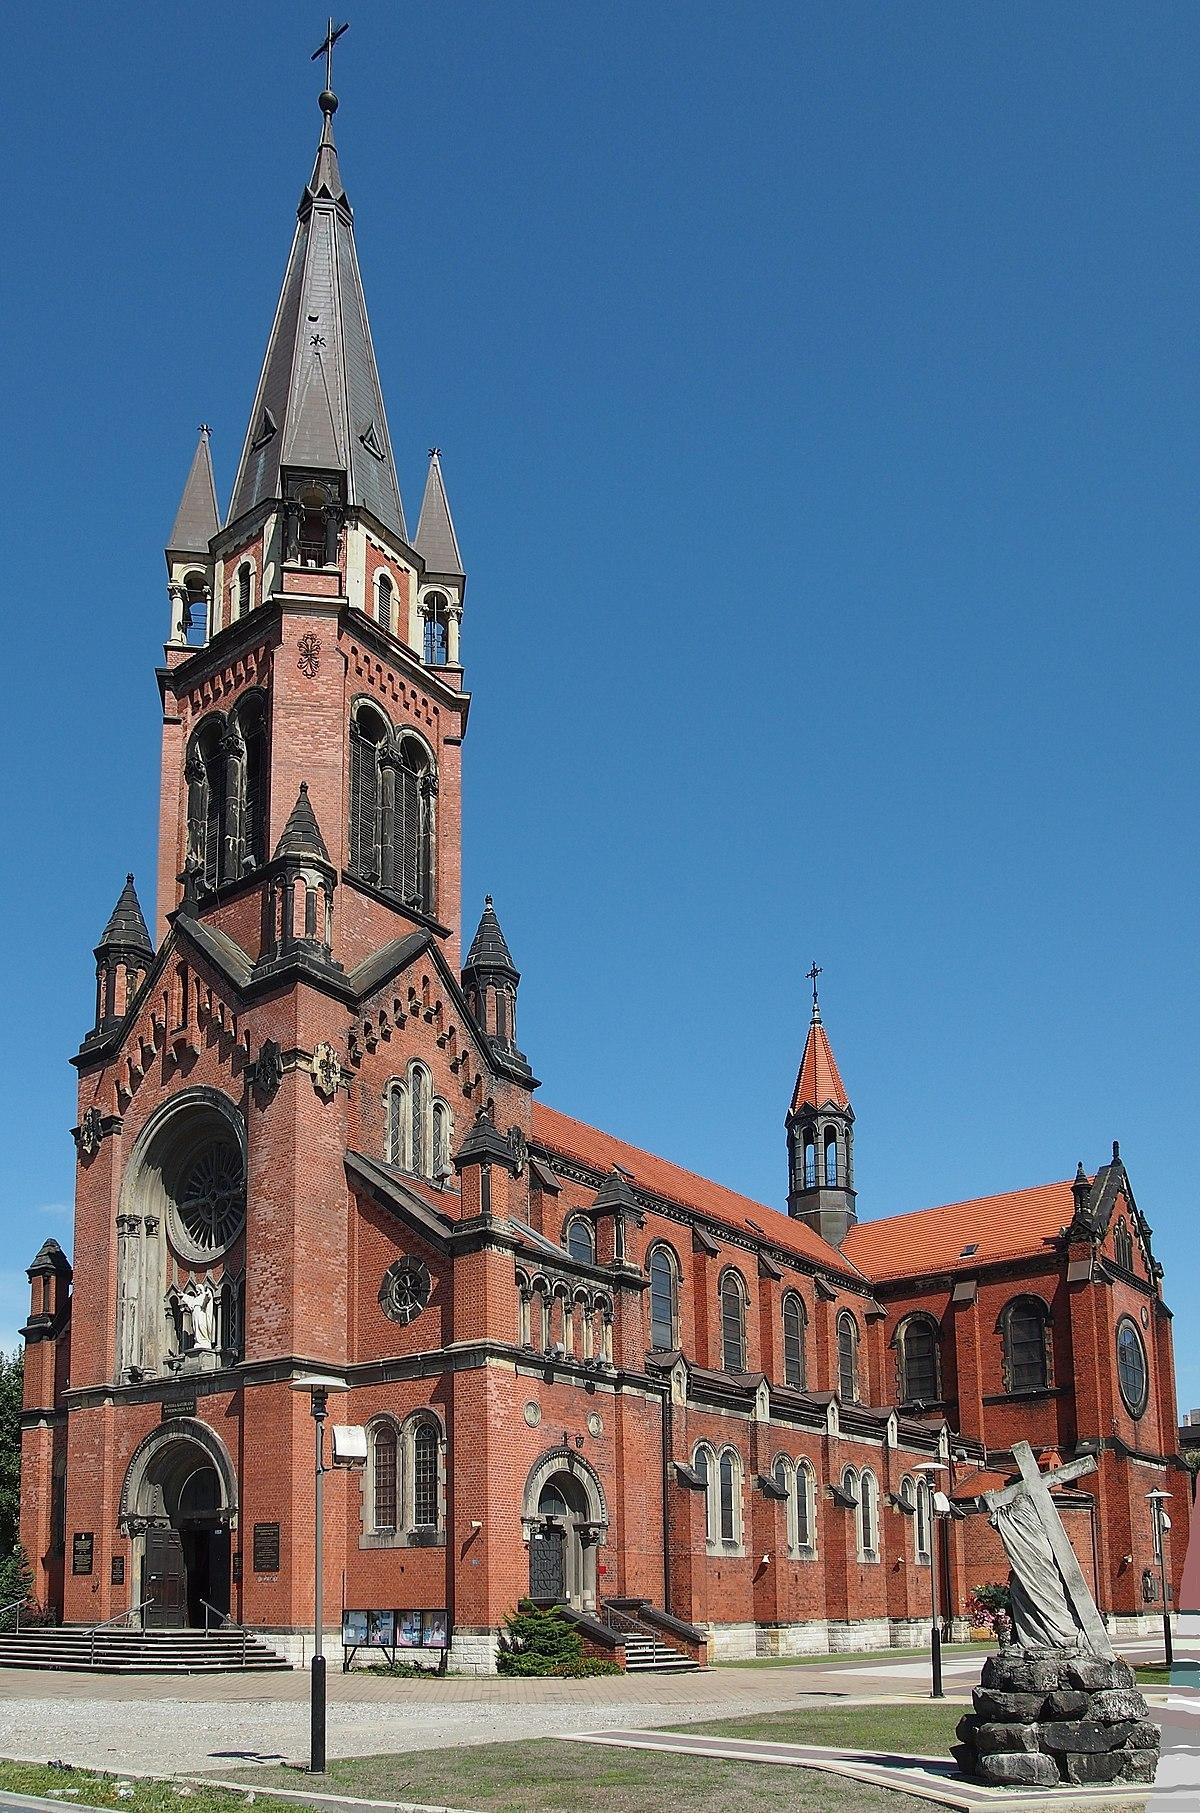 Diecezja sosnowiecka – Wikipedia, wolna encyklopedia